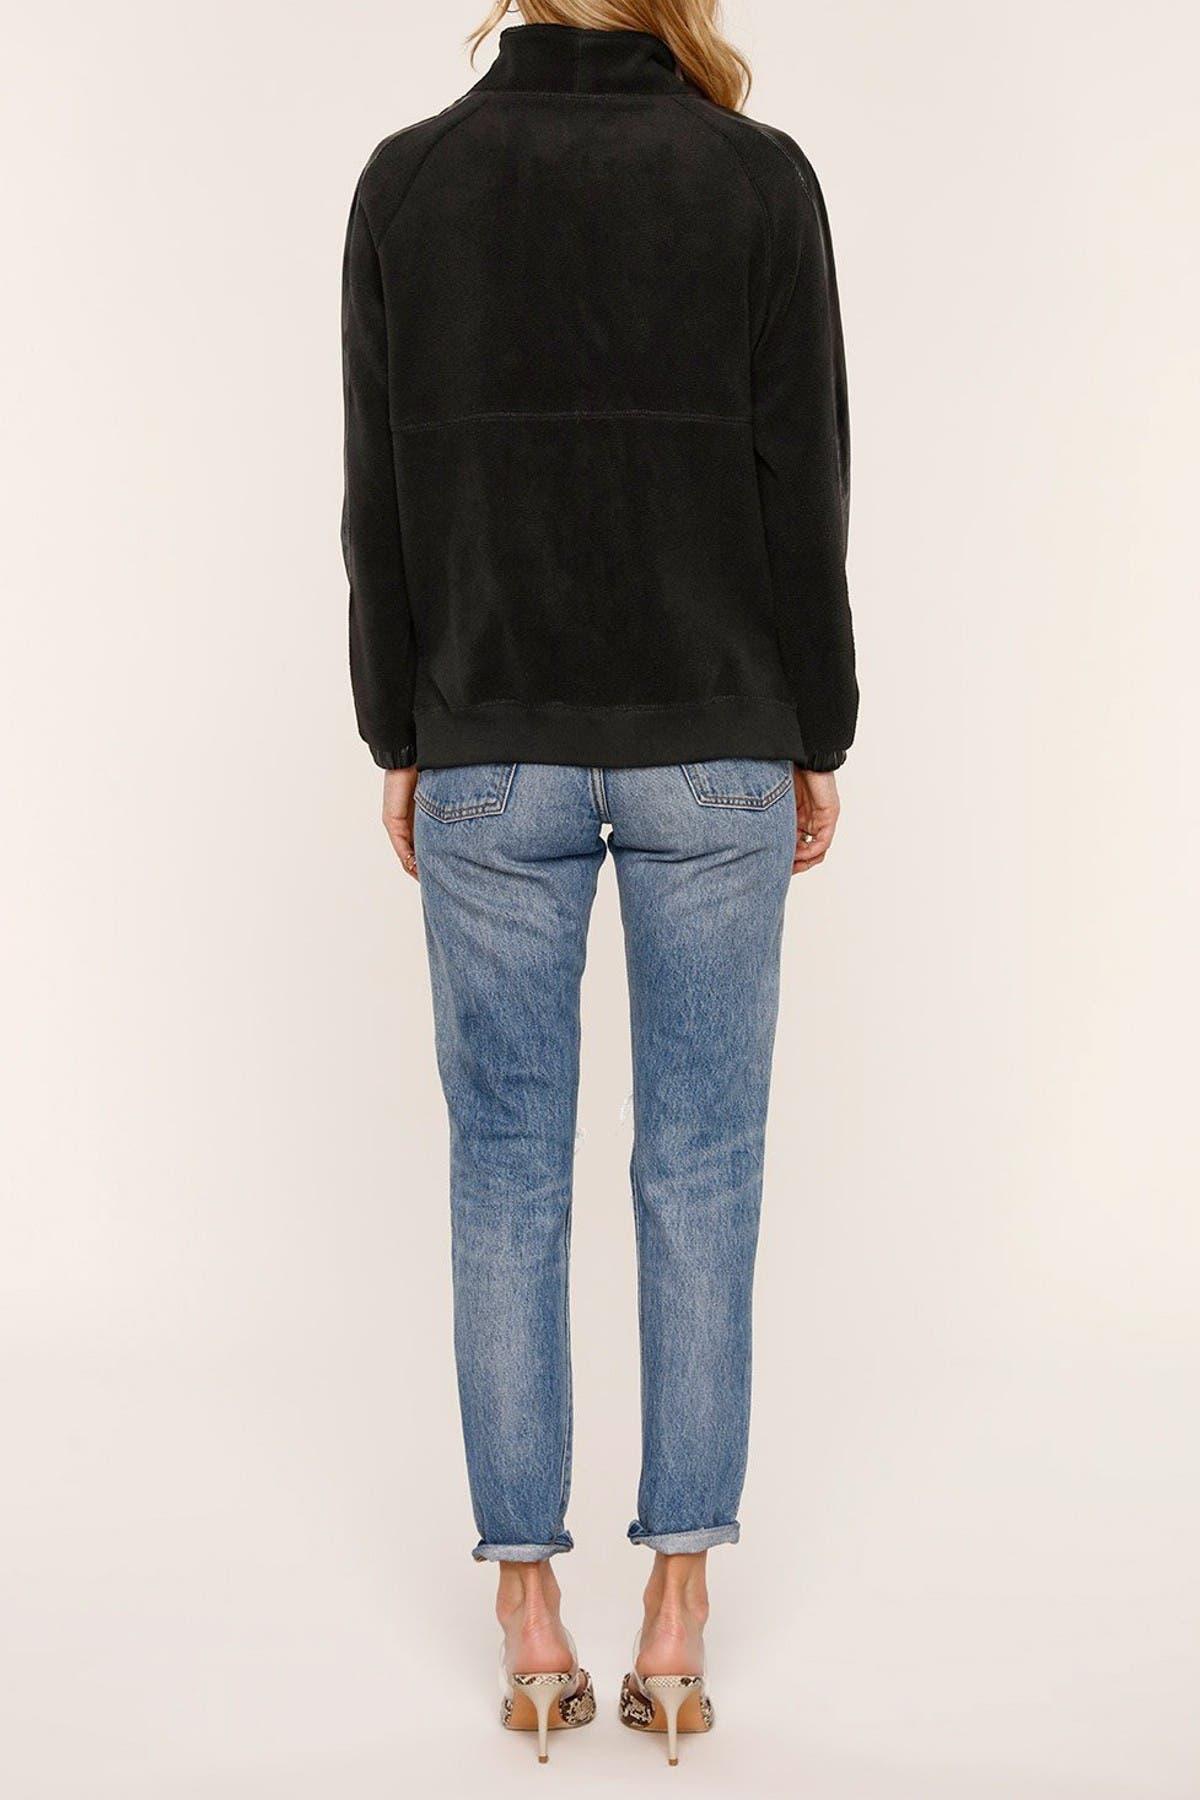 Image of Heartloom Kay Terry Paneled Sweatshirt